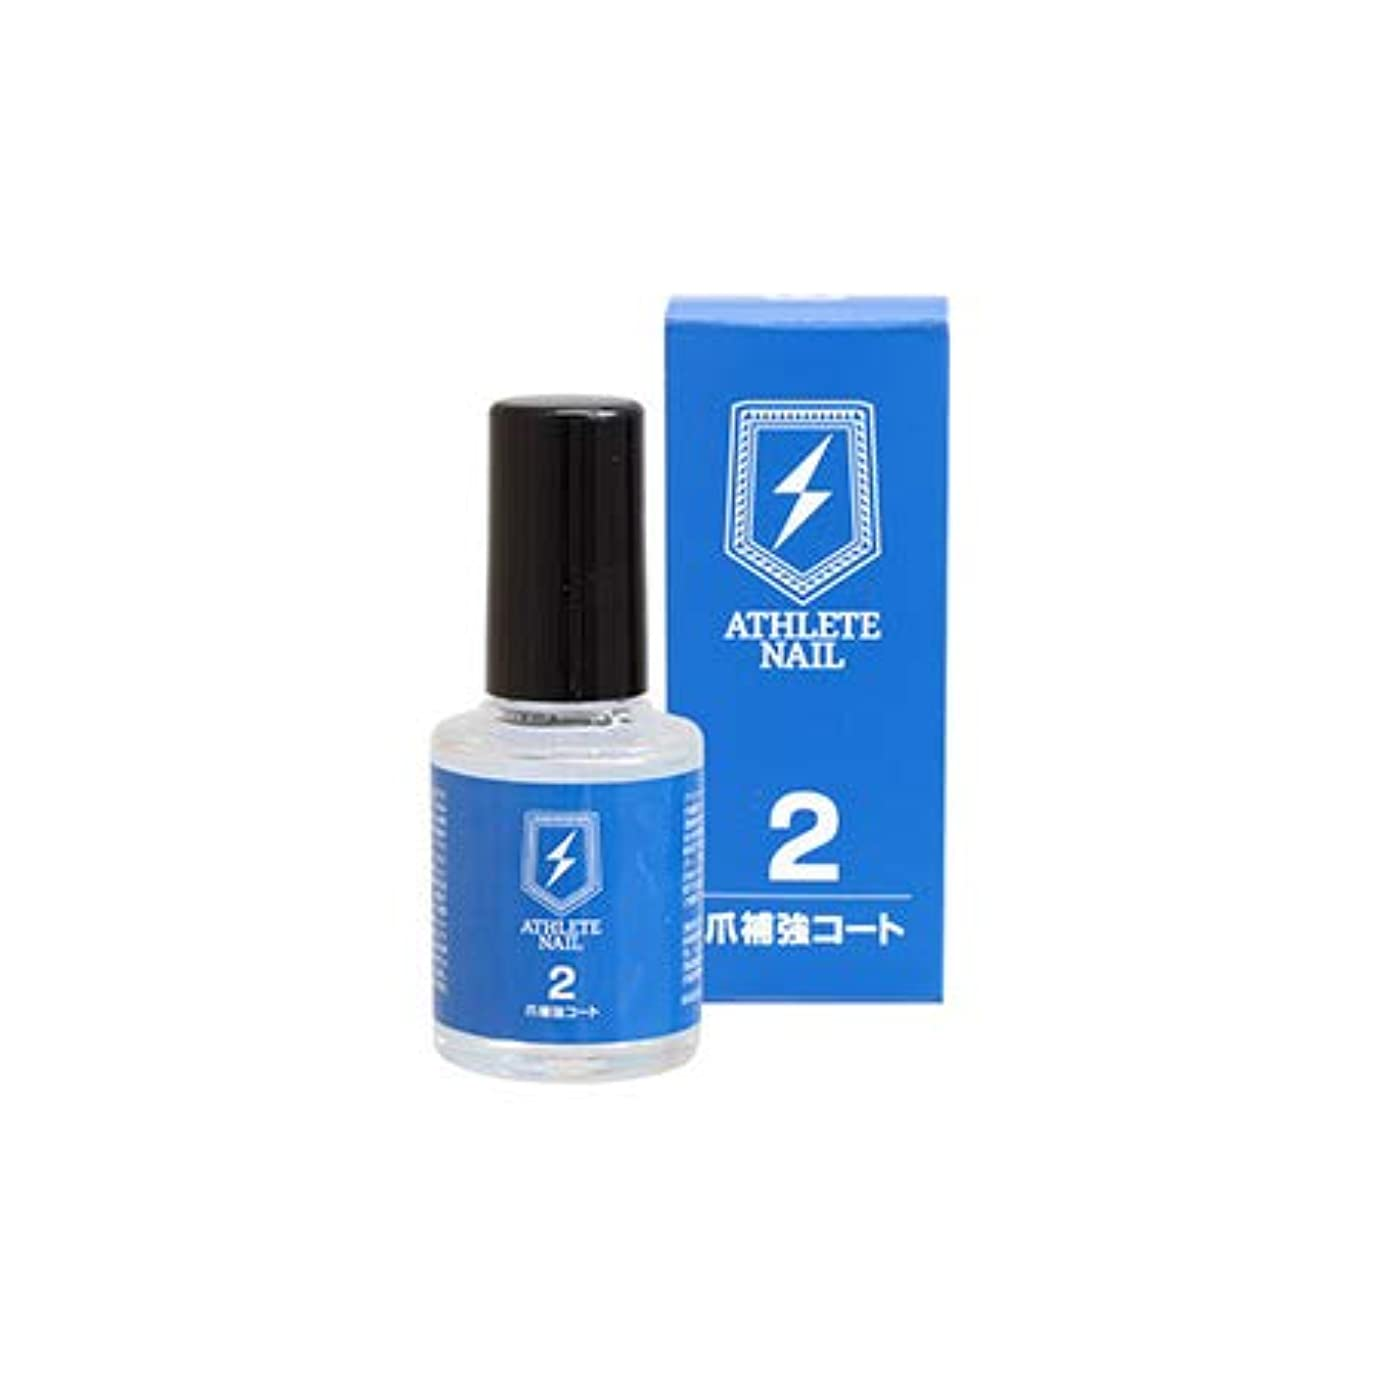 関連する部変数ATHLETE NAIL ◆爪補強コート2 [並行輸入品]